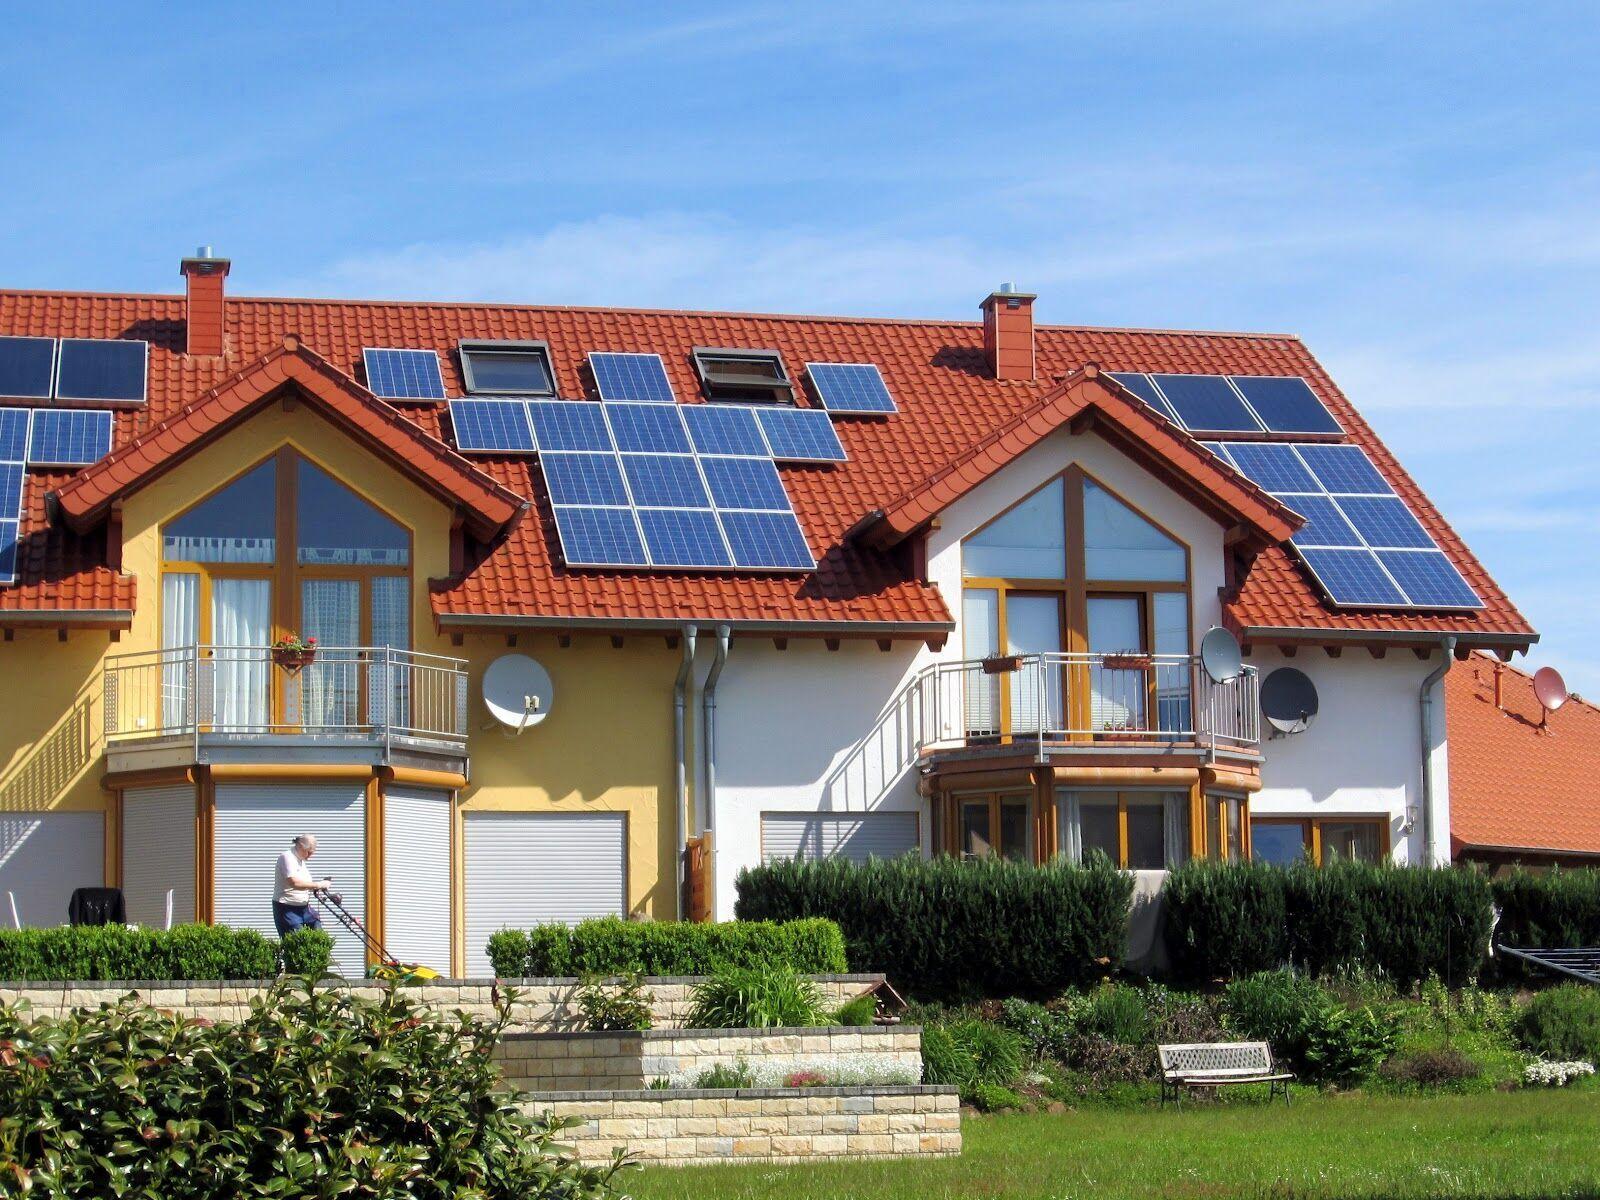 Za koliko vremena se isplati investicija u solarnu energiju?